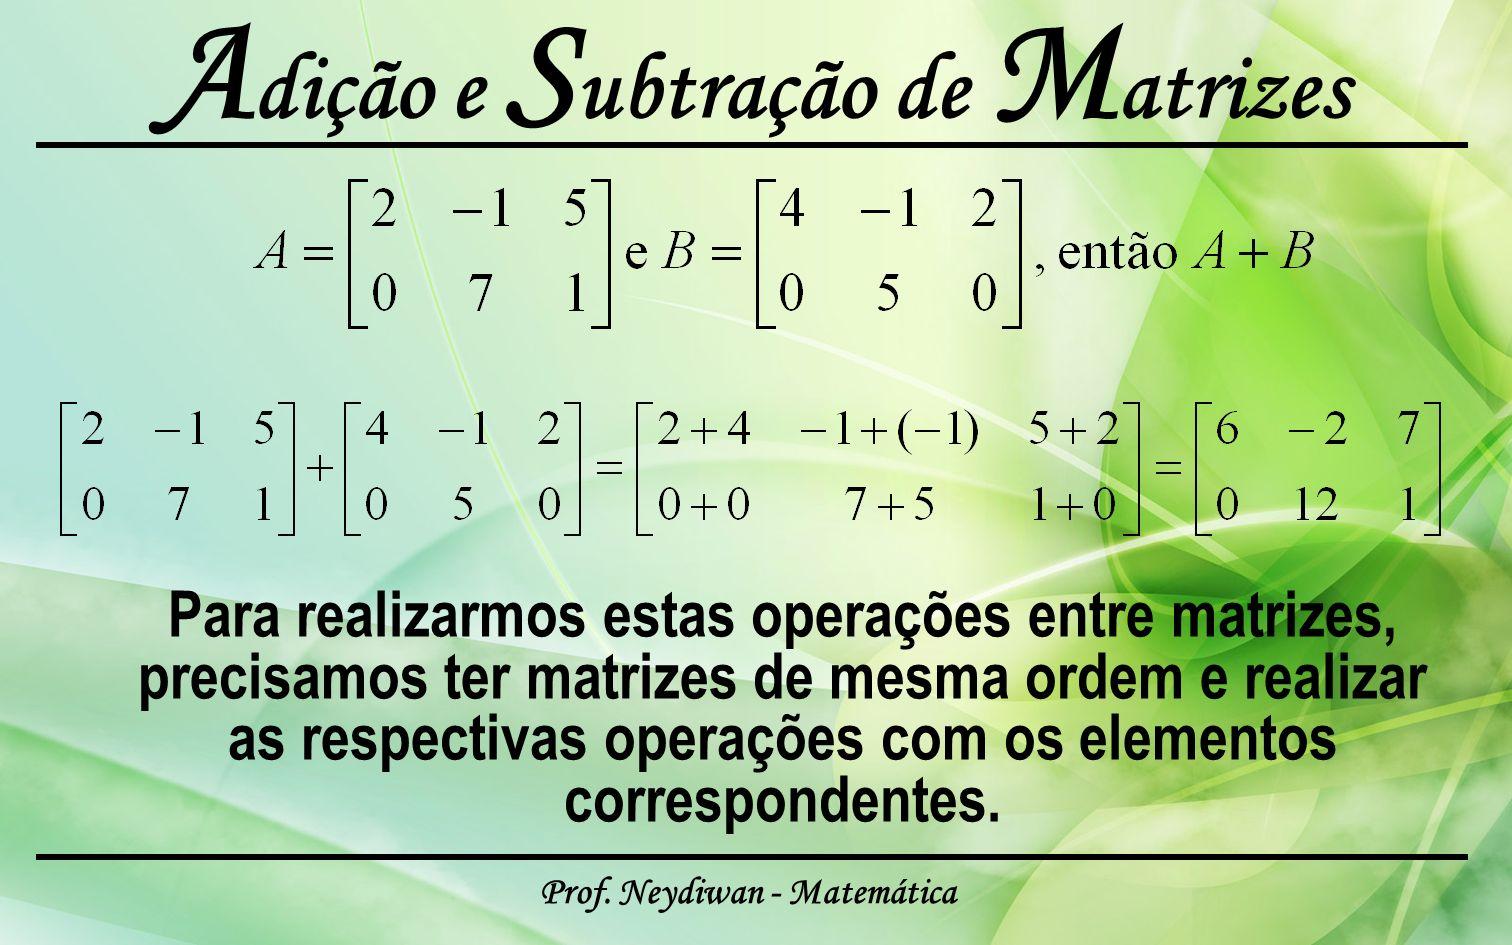 Prof. Neydiwan - Matemática A dição e S ubtração de M atrizes Para realizarmos estas operações entre matrizes, precisamos ter matrizes de mesma ordem